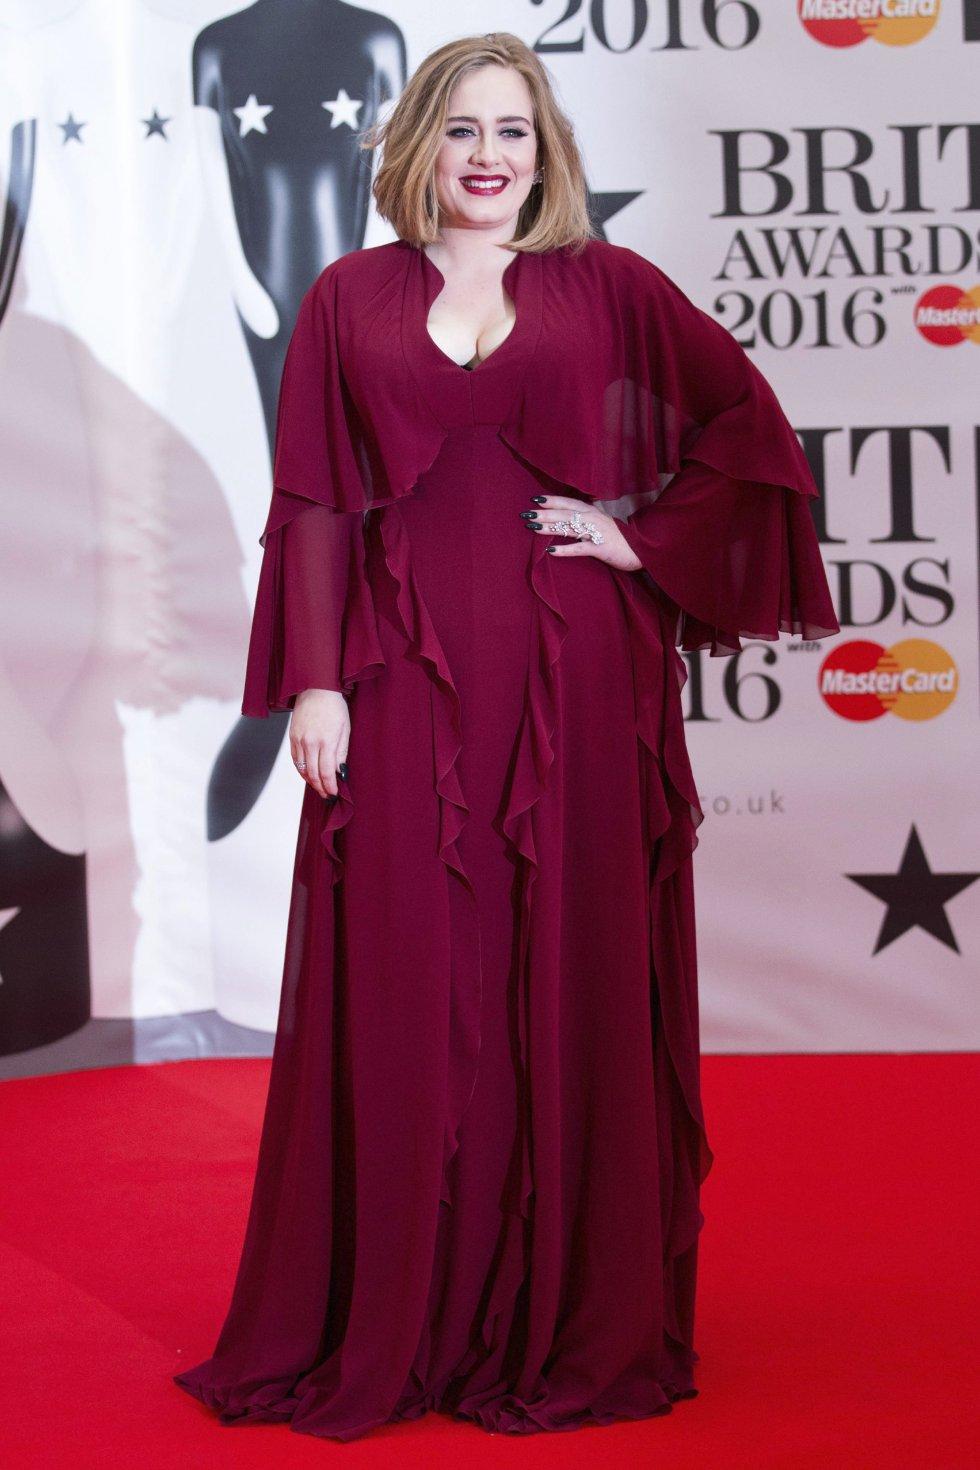 La cantante británica Adele.